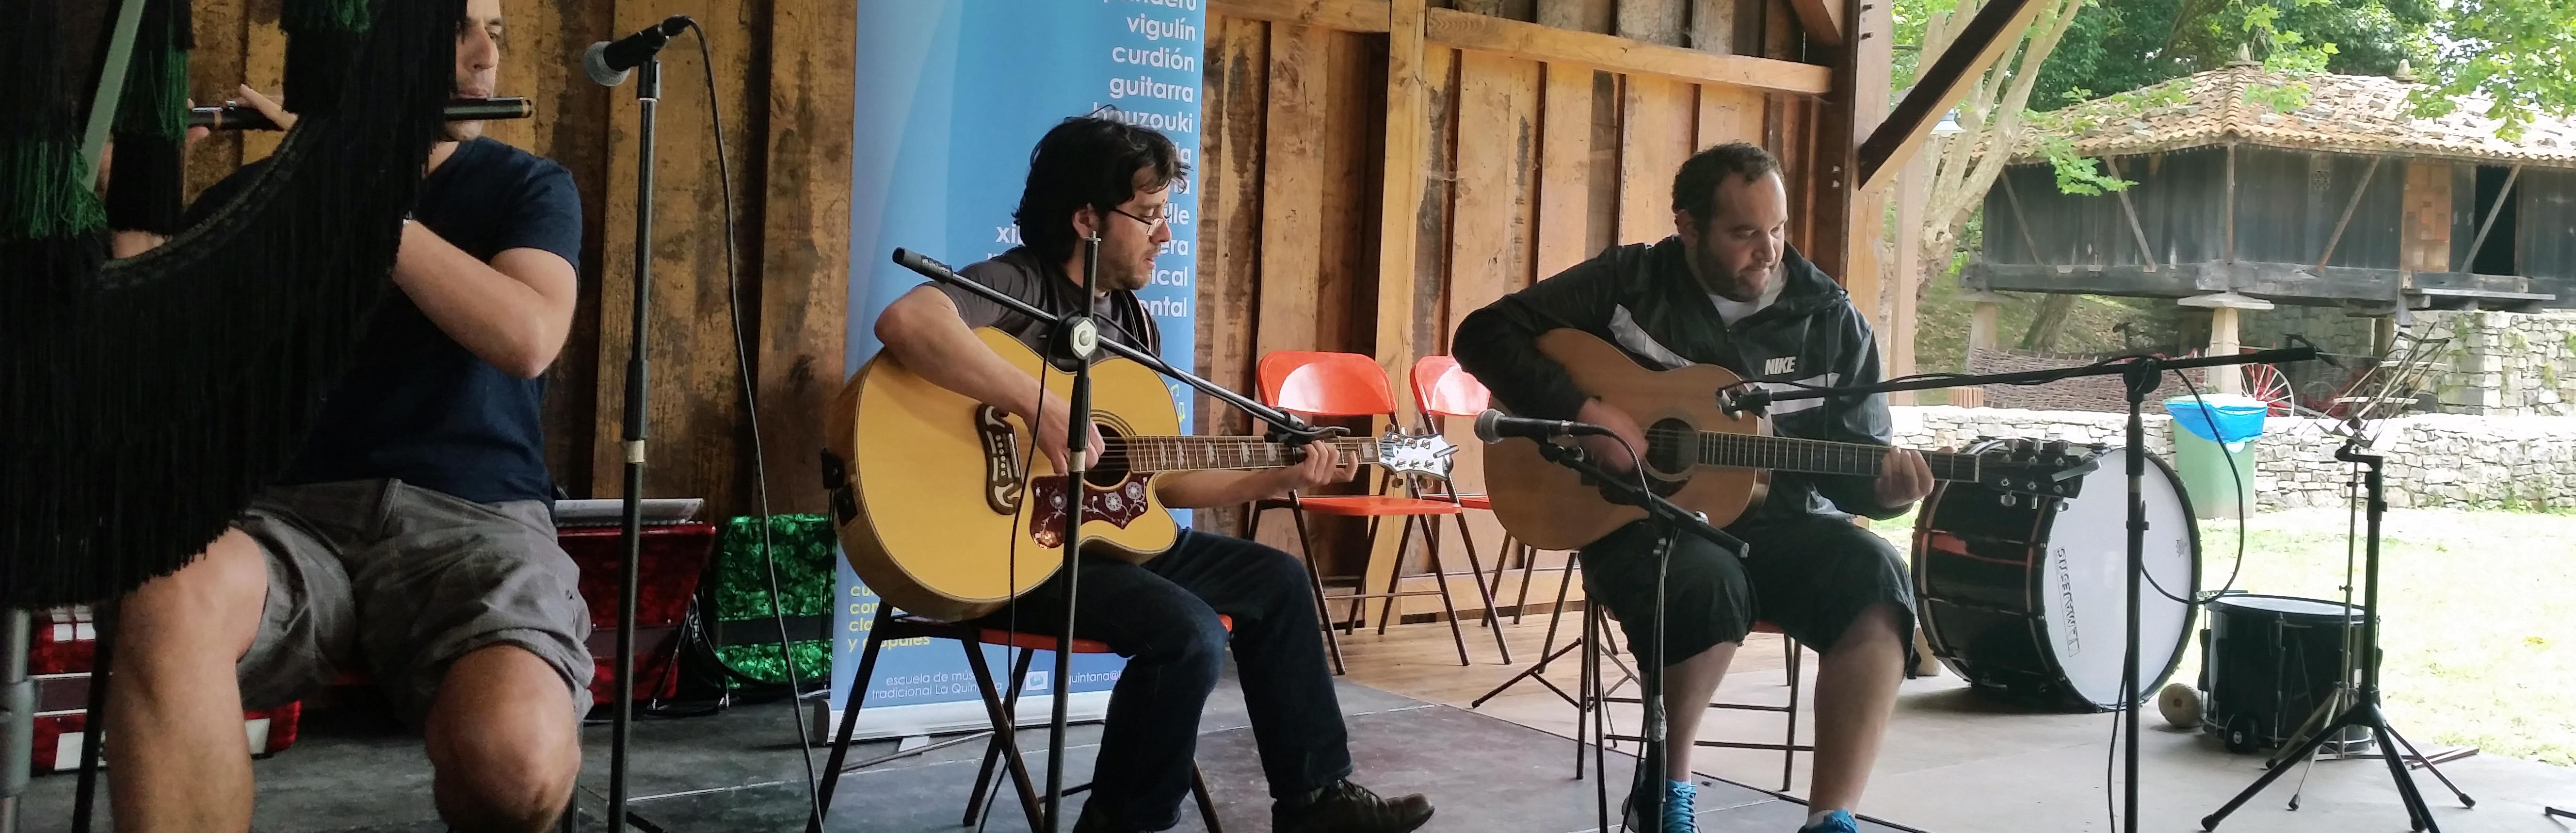 Guitarra y buzuki